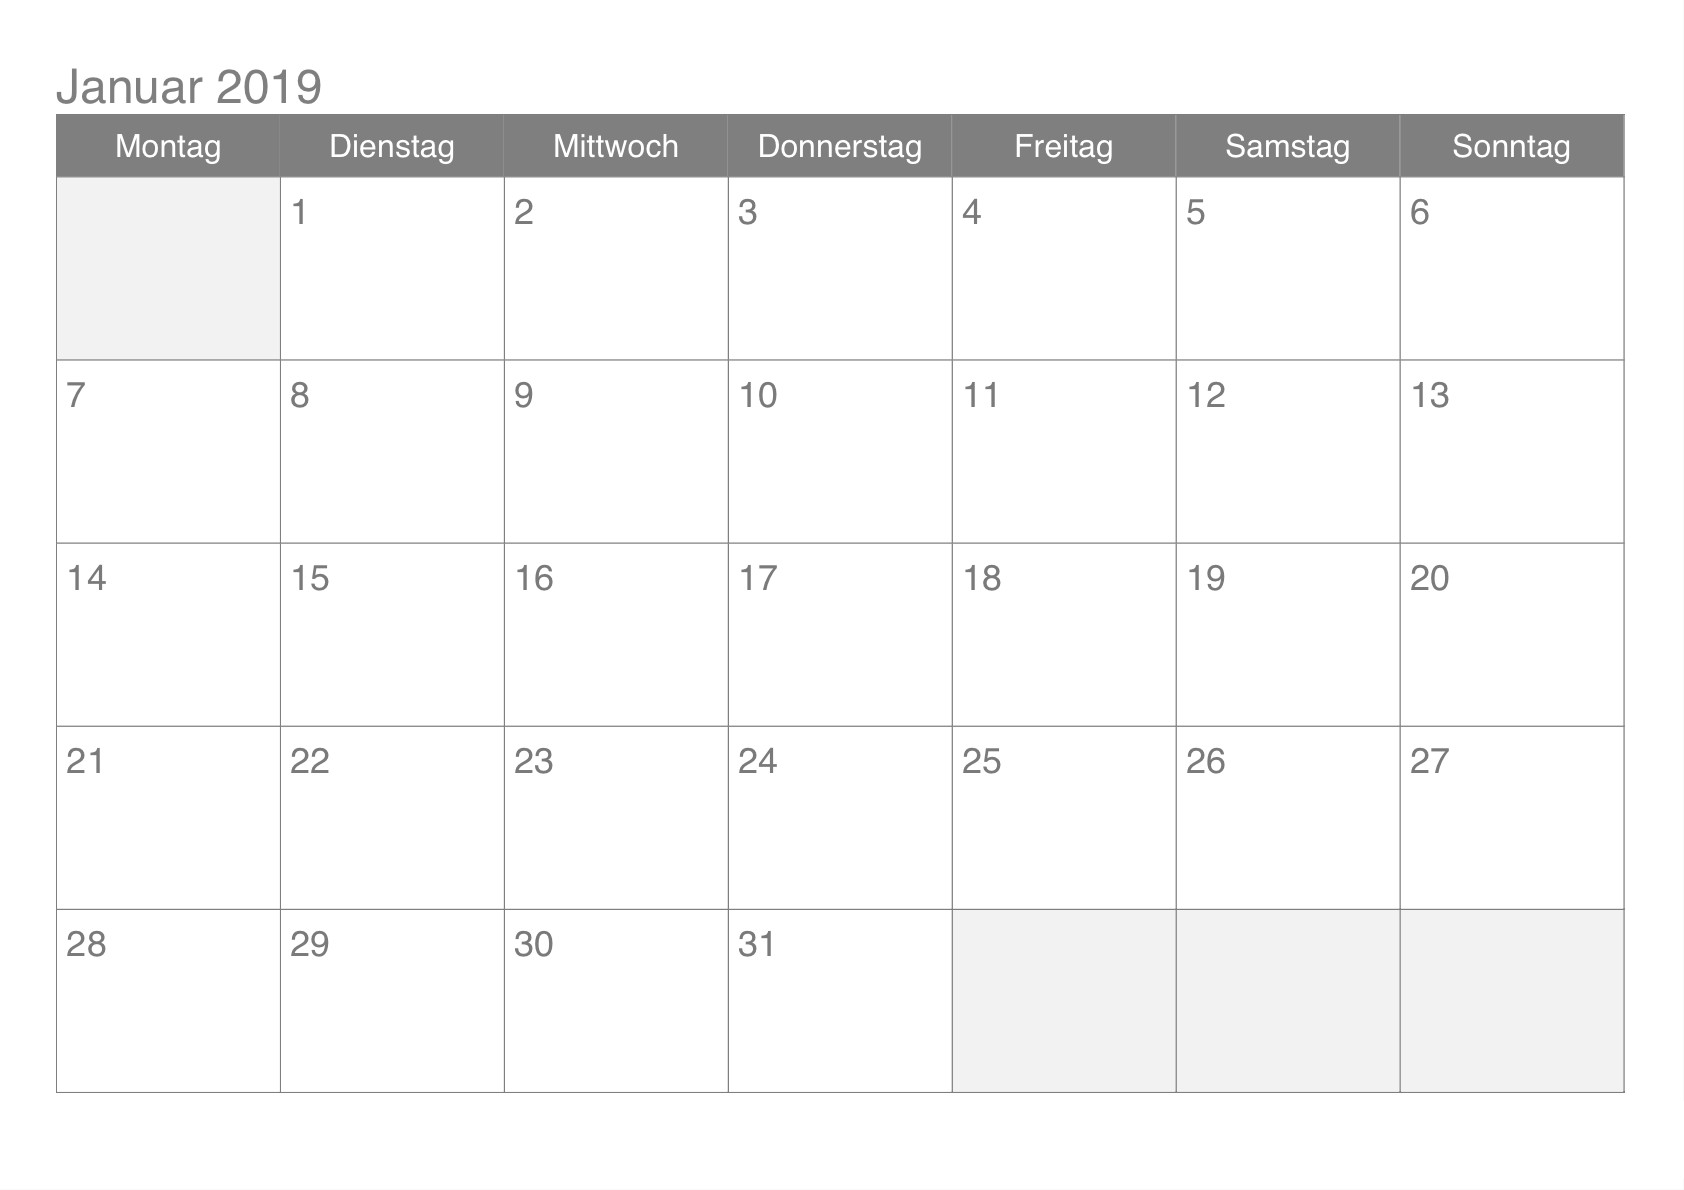 Calendario Oficial De Feriados 2020 Más Actual 11 Best Calendario Enero 2019 Argentina Images Of Calendario Oficial De Feriados 2020 Más Actual Uso Inv